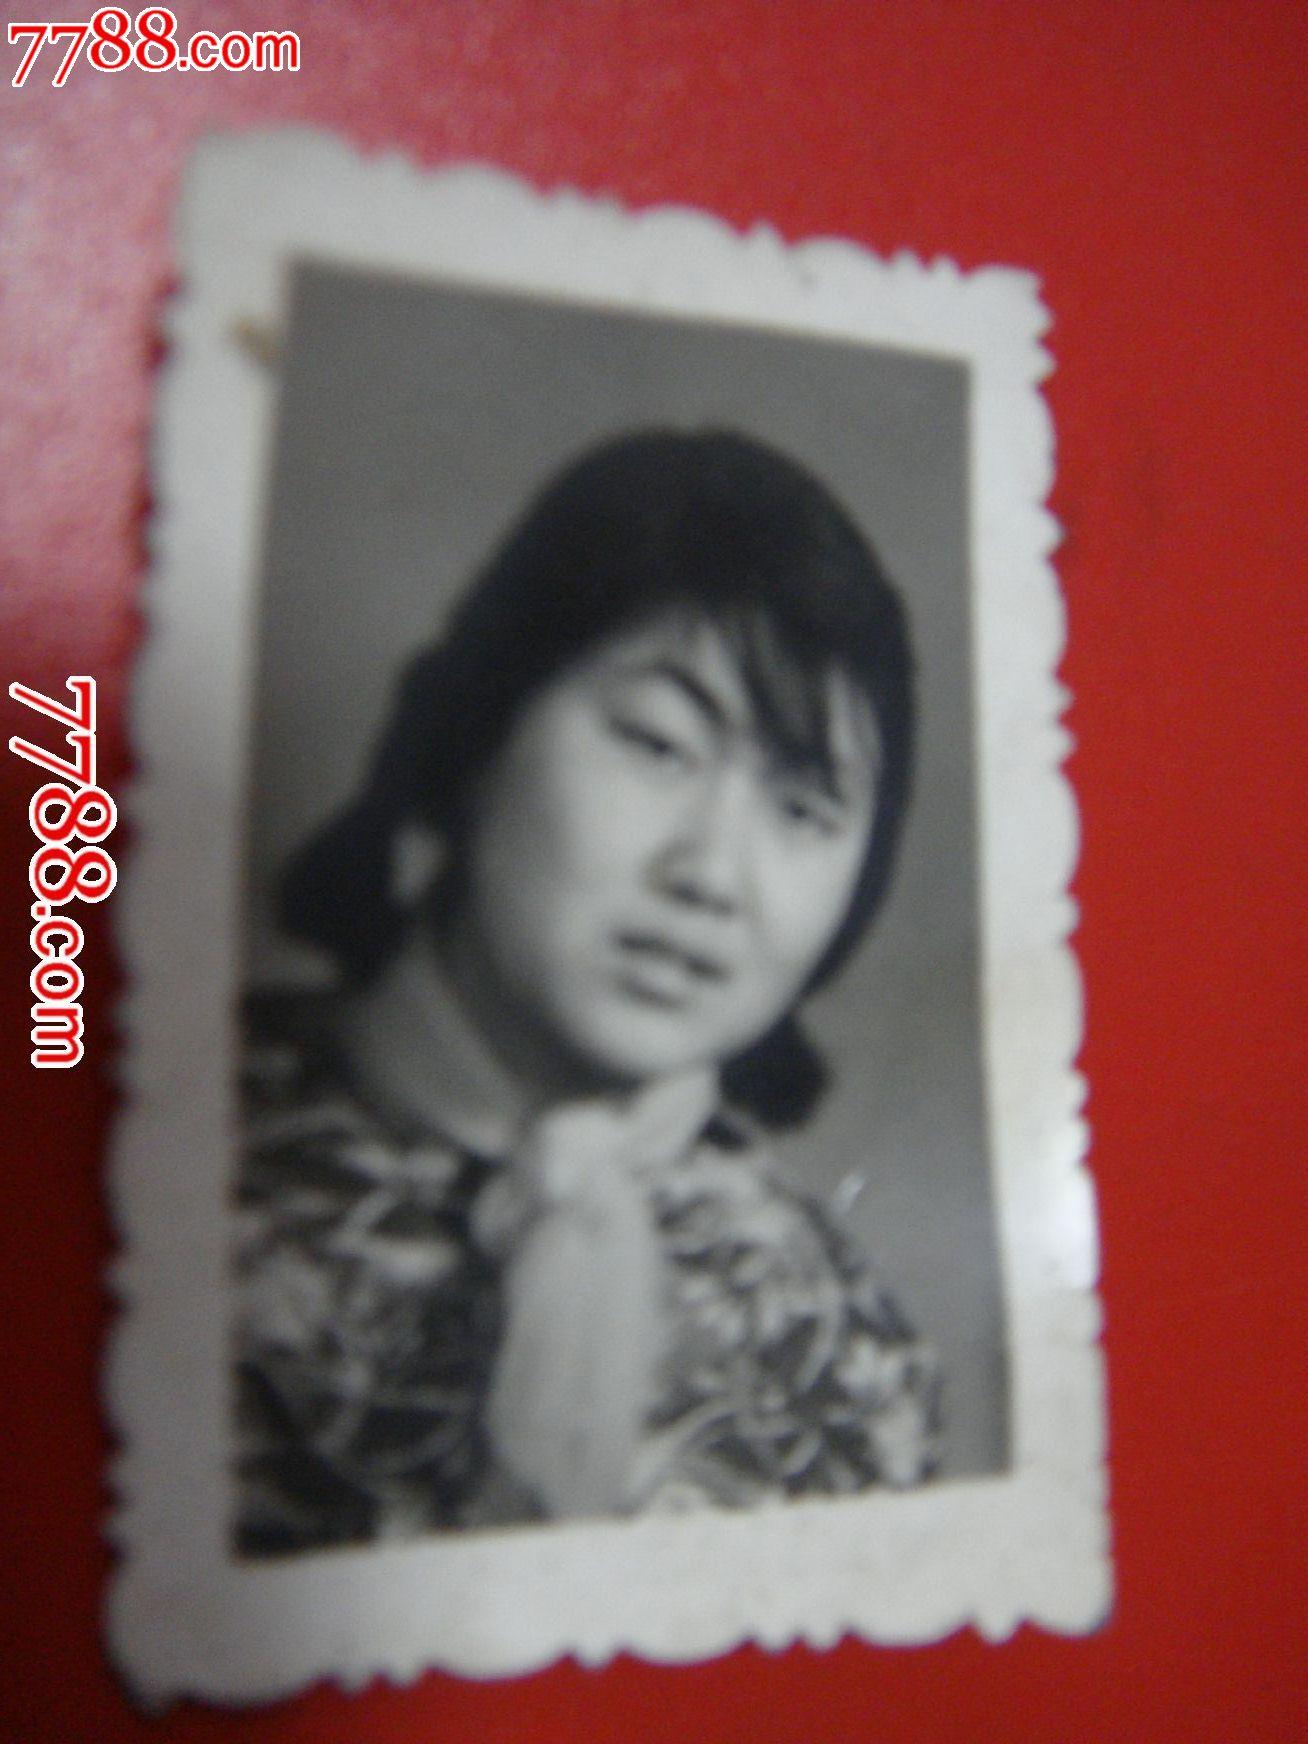 80年代、【美女照片~1寸身材美女】_老照片_种子纱巾黑白图片